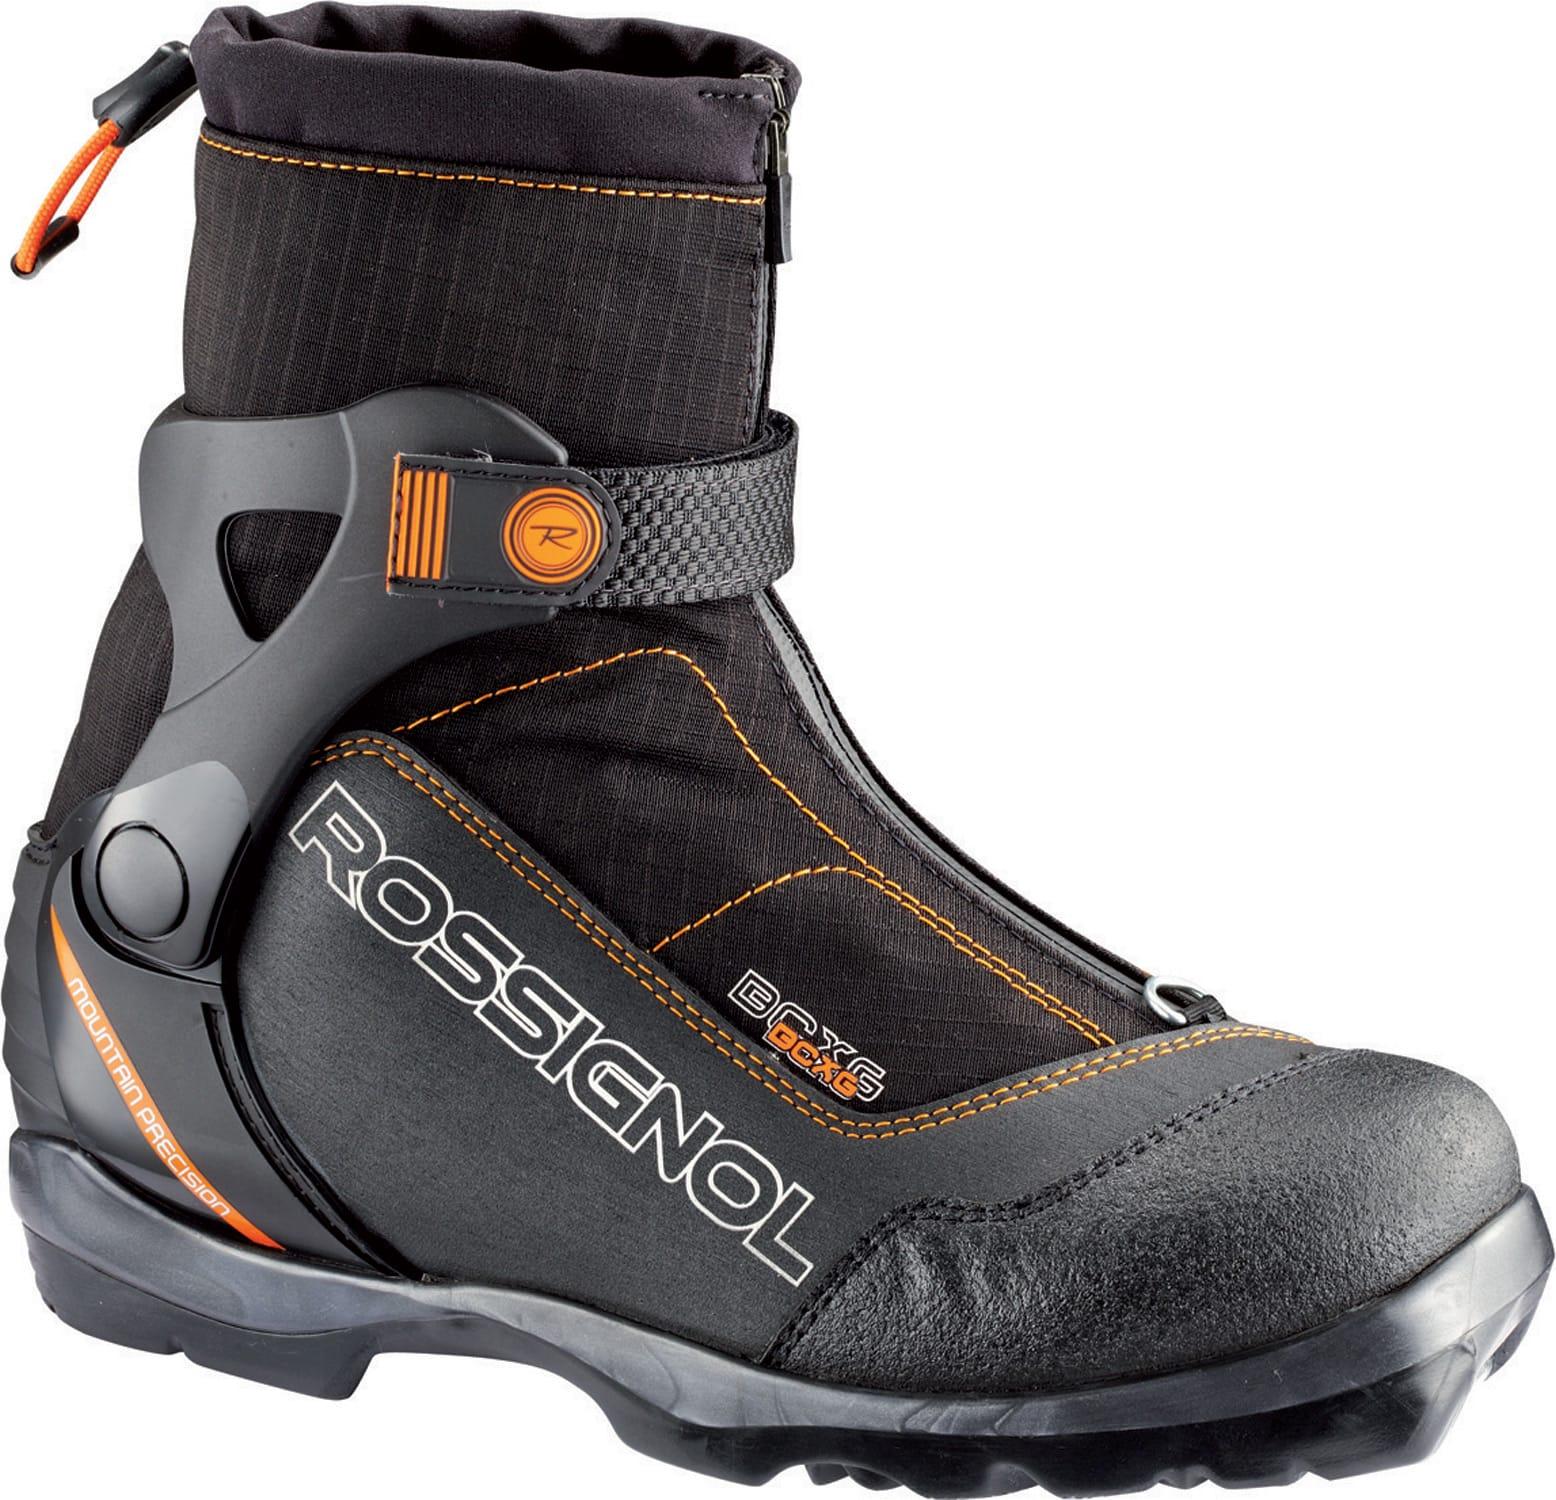 Rossignol Bc X 6 Xc Ski Boots Kids